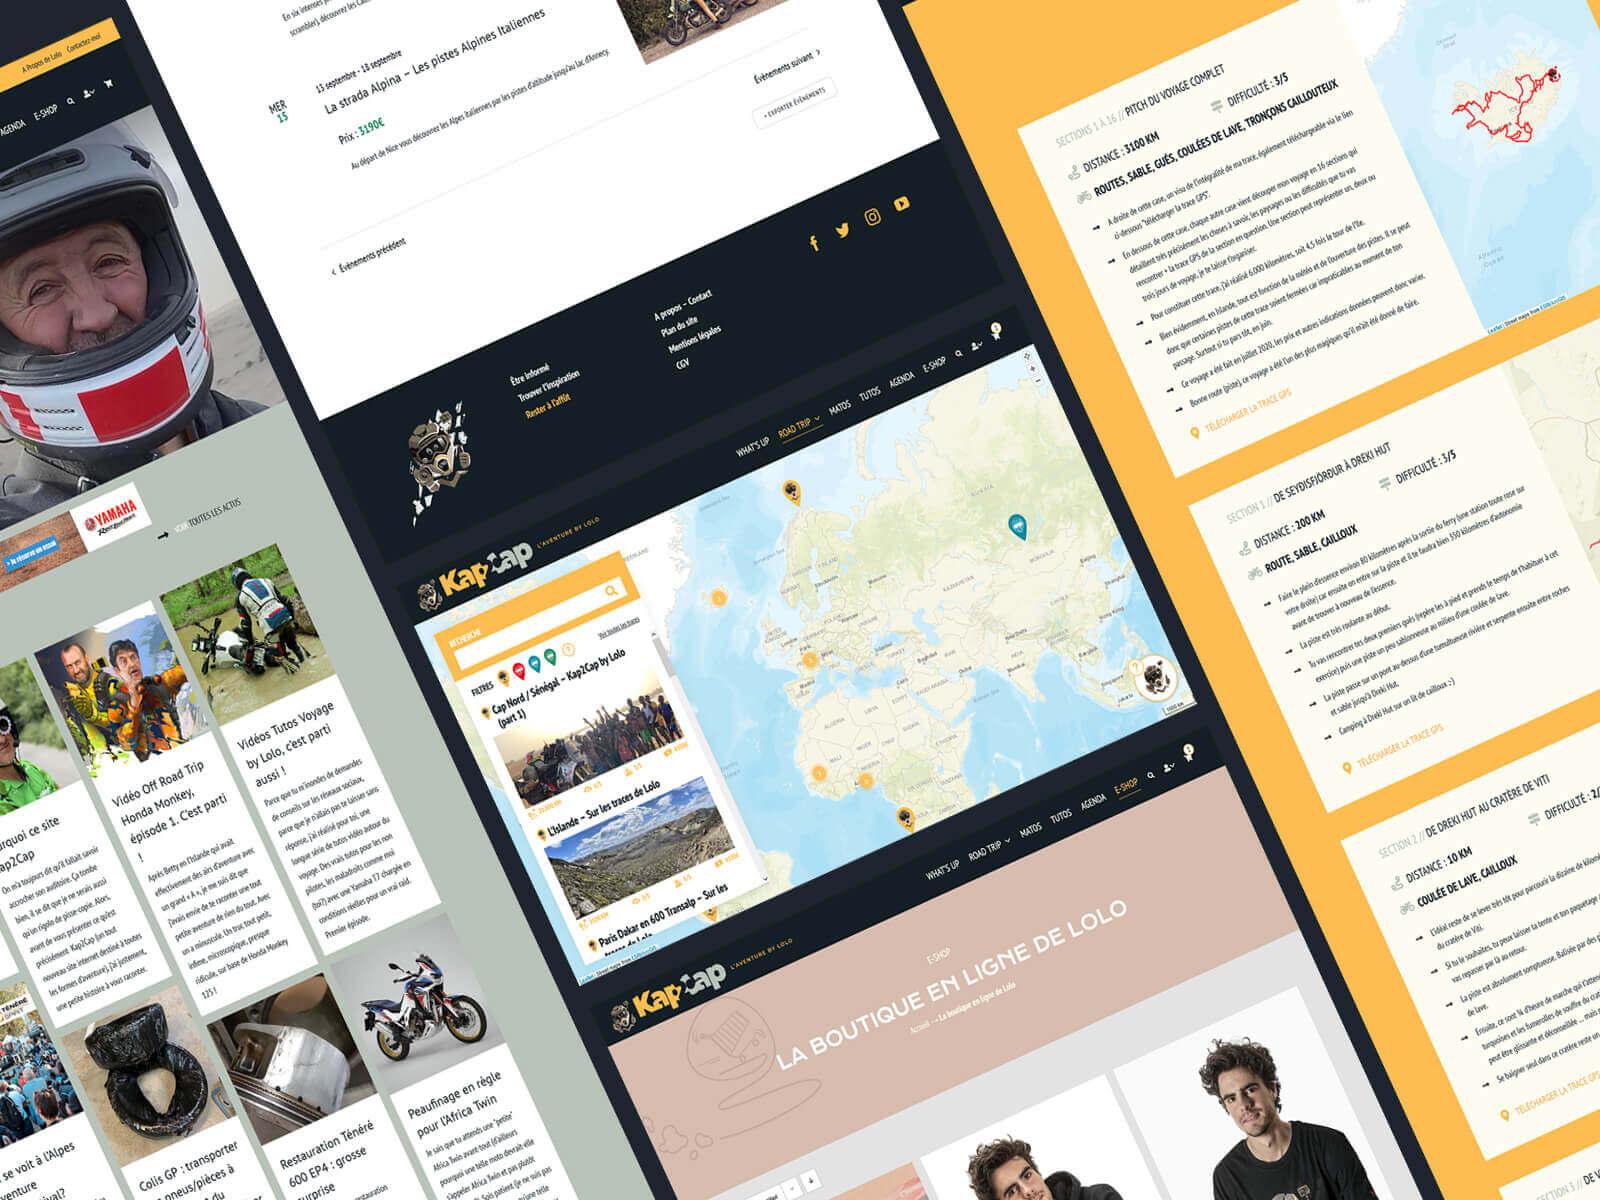 L'agence a déployé un site internet, Kap2Cap by Lolo pour Laurent Cochet : itinéraire de voyage, e-shop, matos, tutos et agenda autour de la moto.